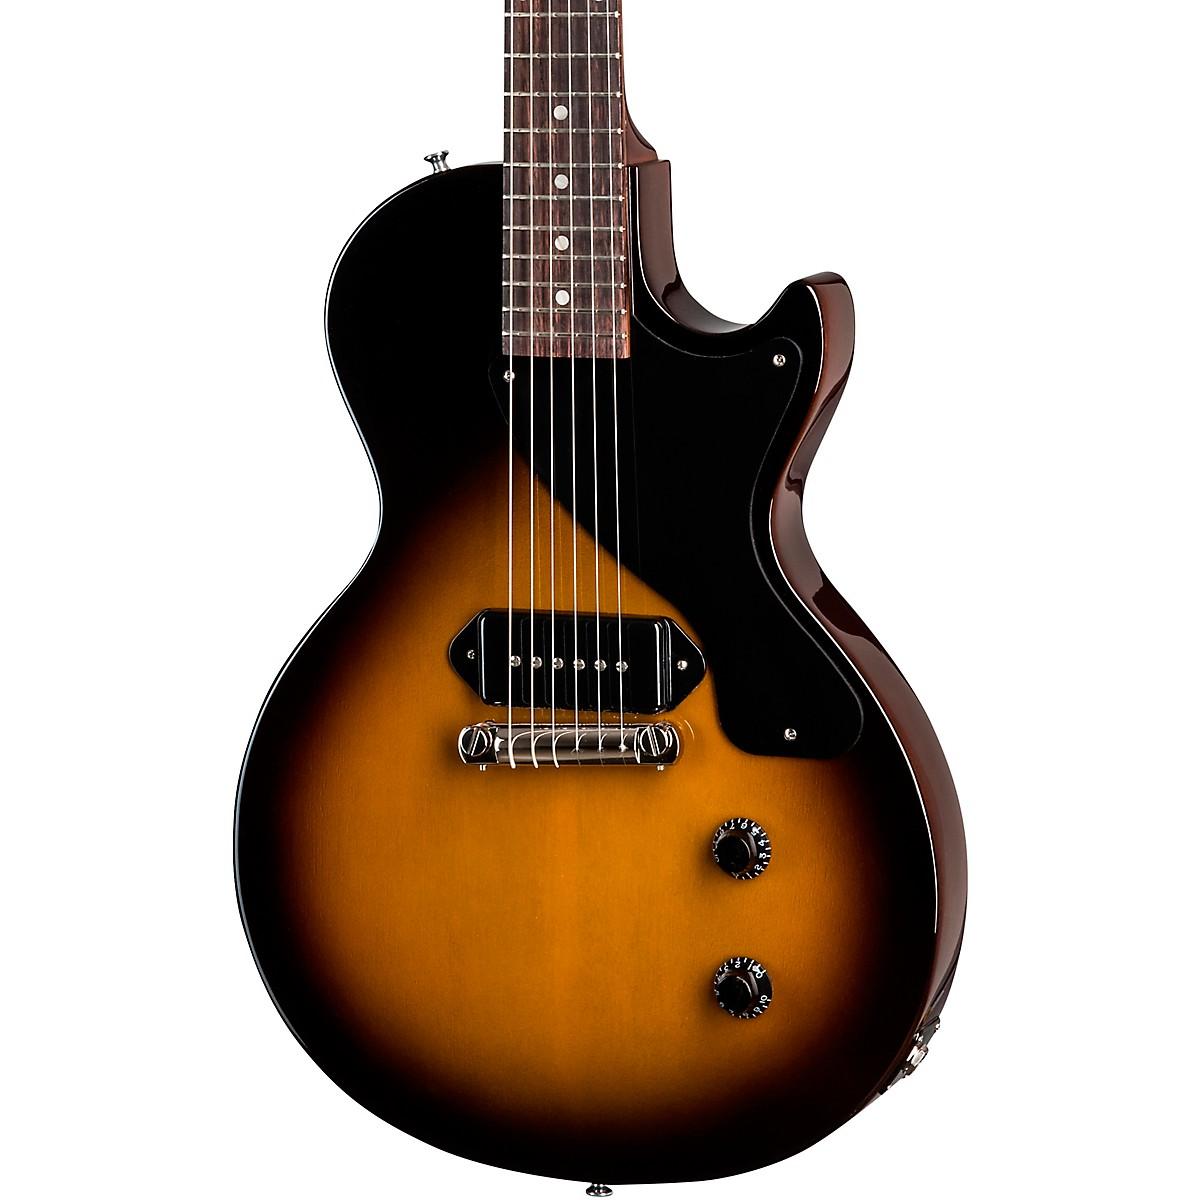 Gibson Les Paul Junior Electric Guitar